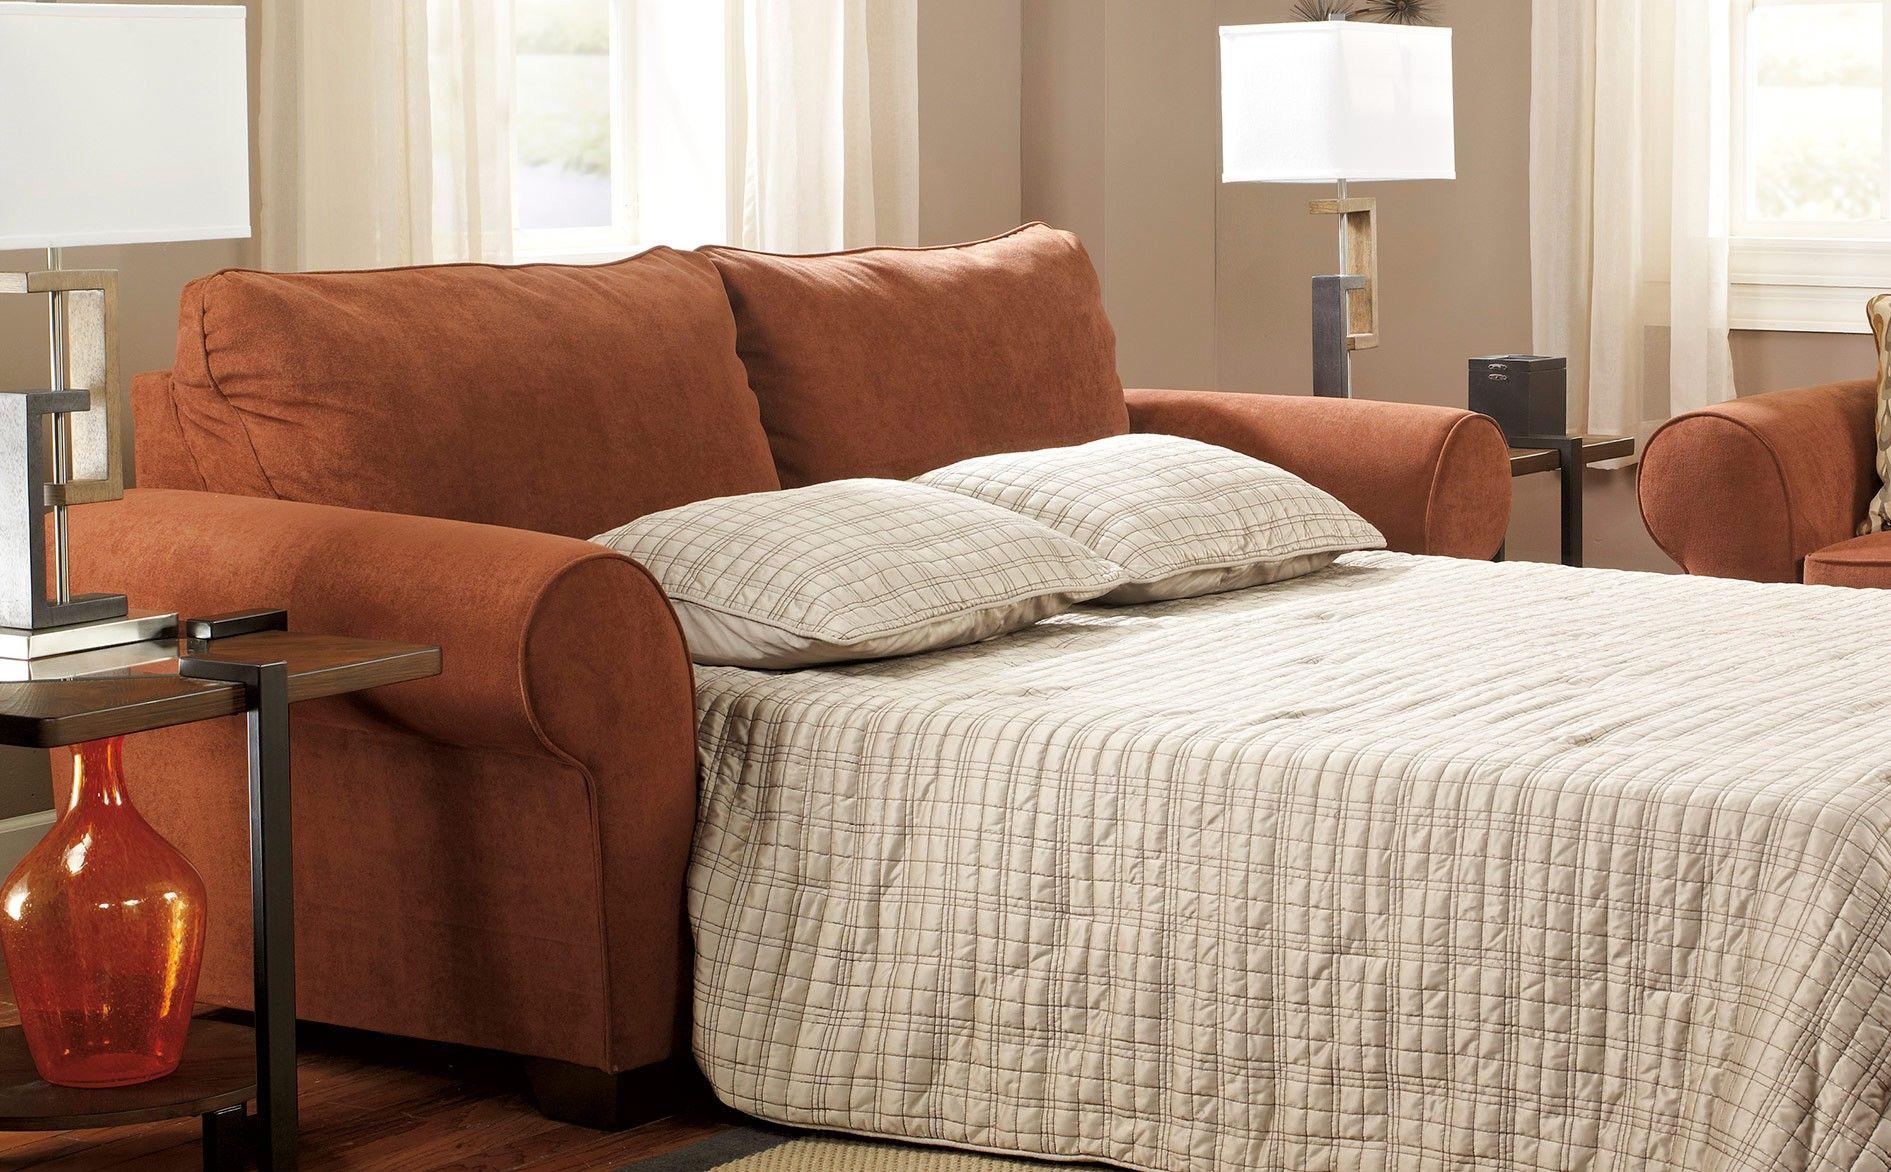 Schlafzimmer Stuhl Und Bett In Einem Zweibett Pull Out Bett